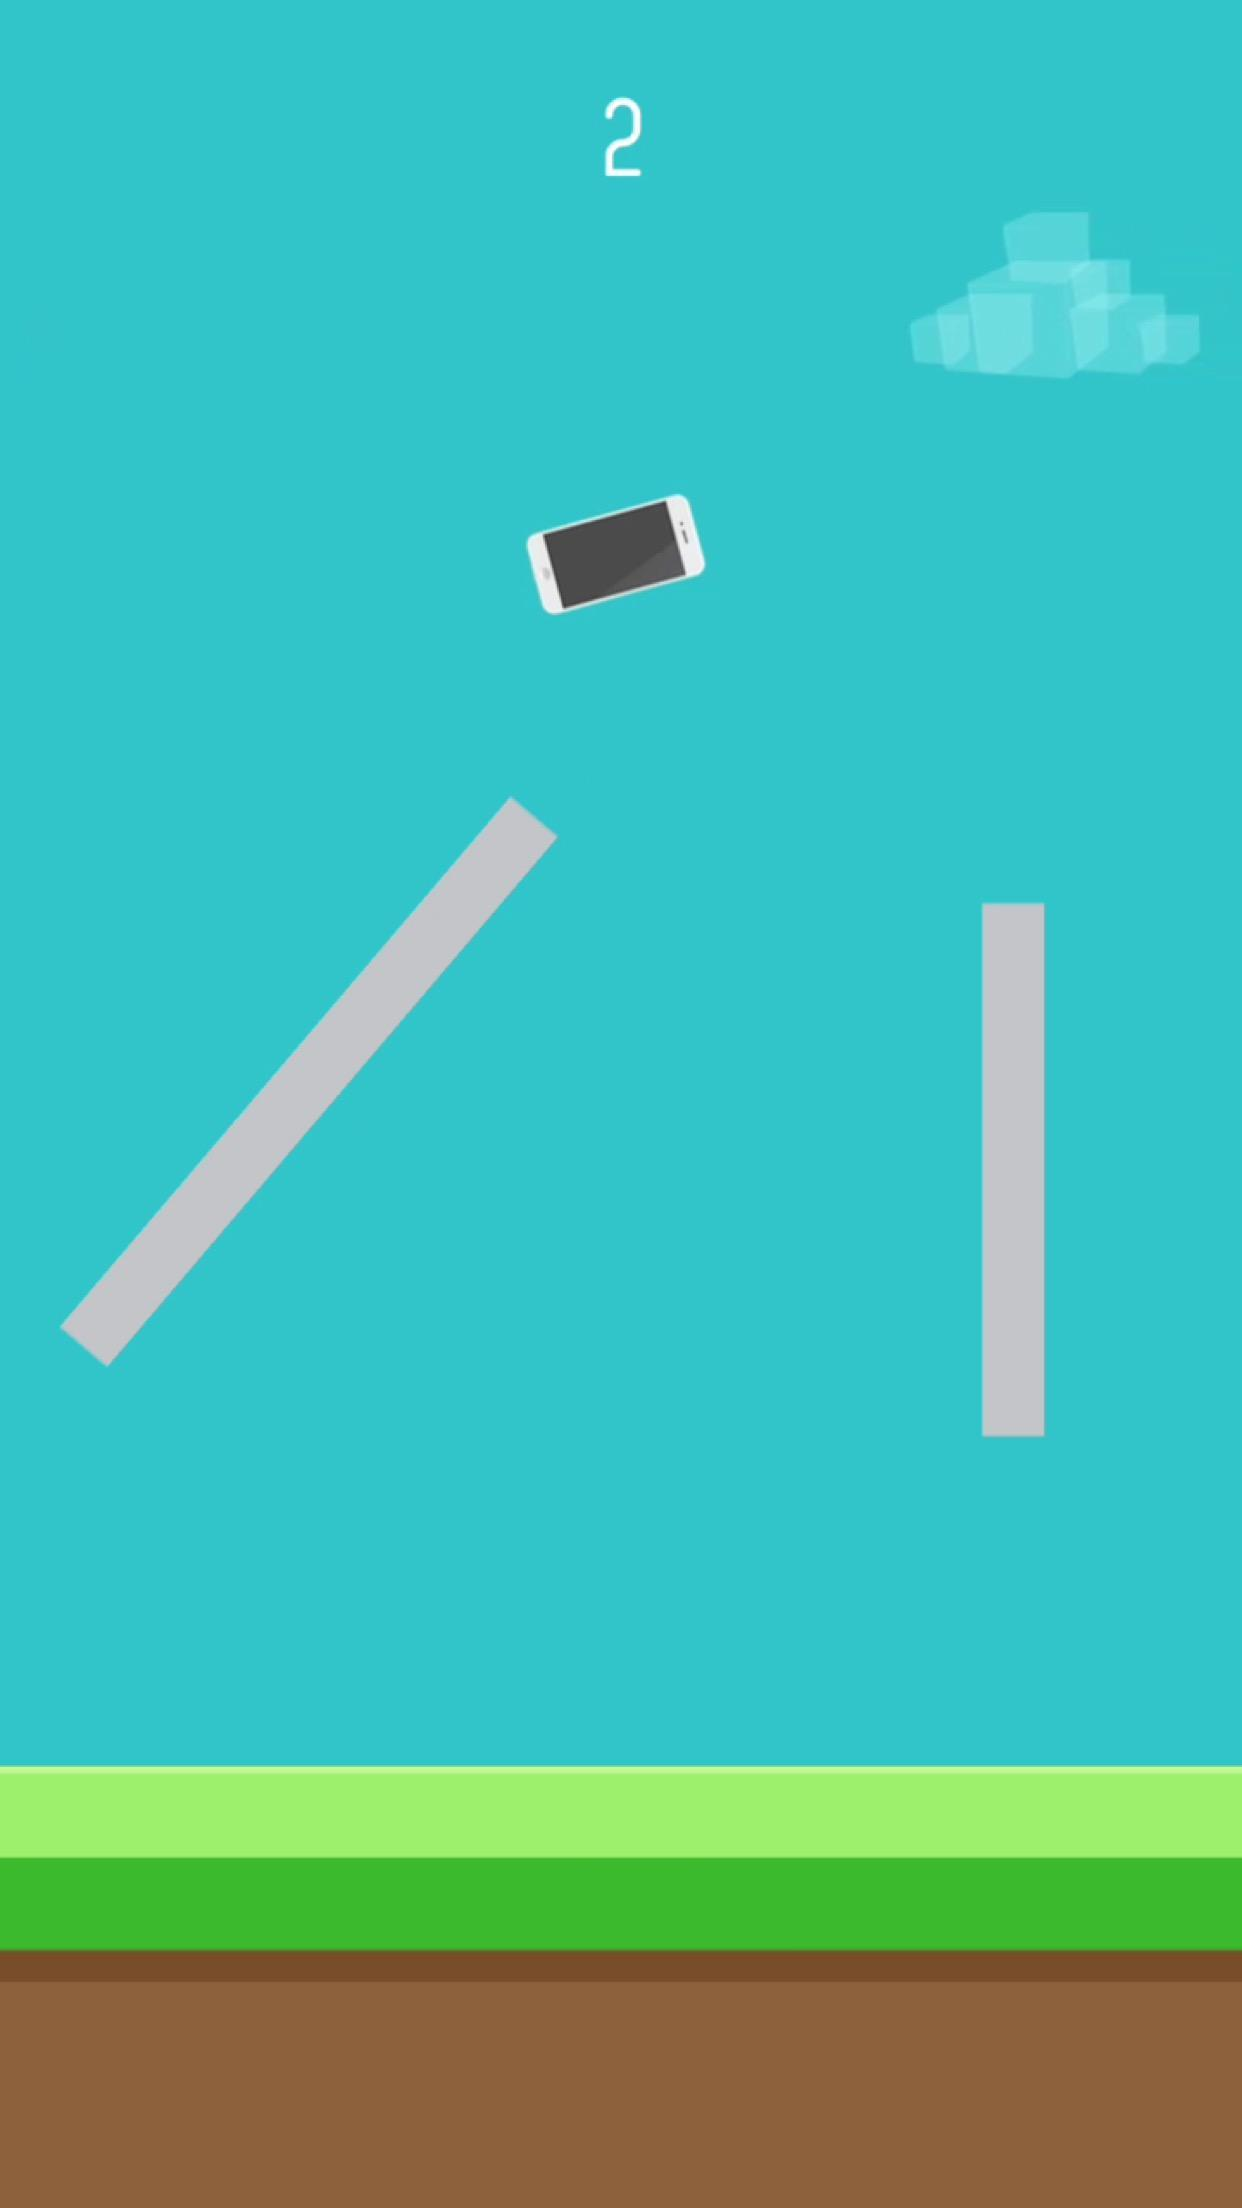 Smartphone Flip Challenge 4